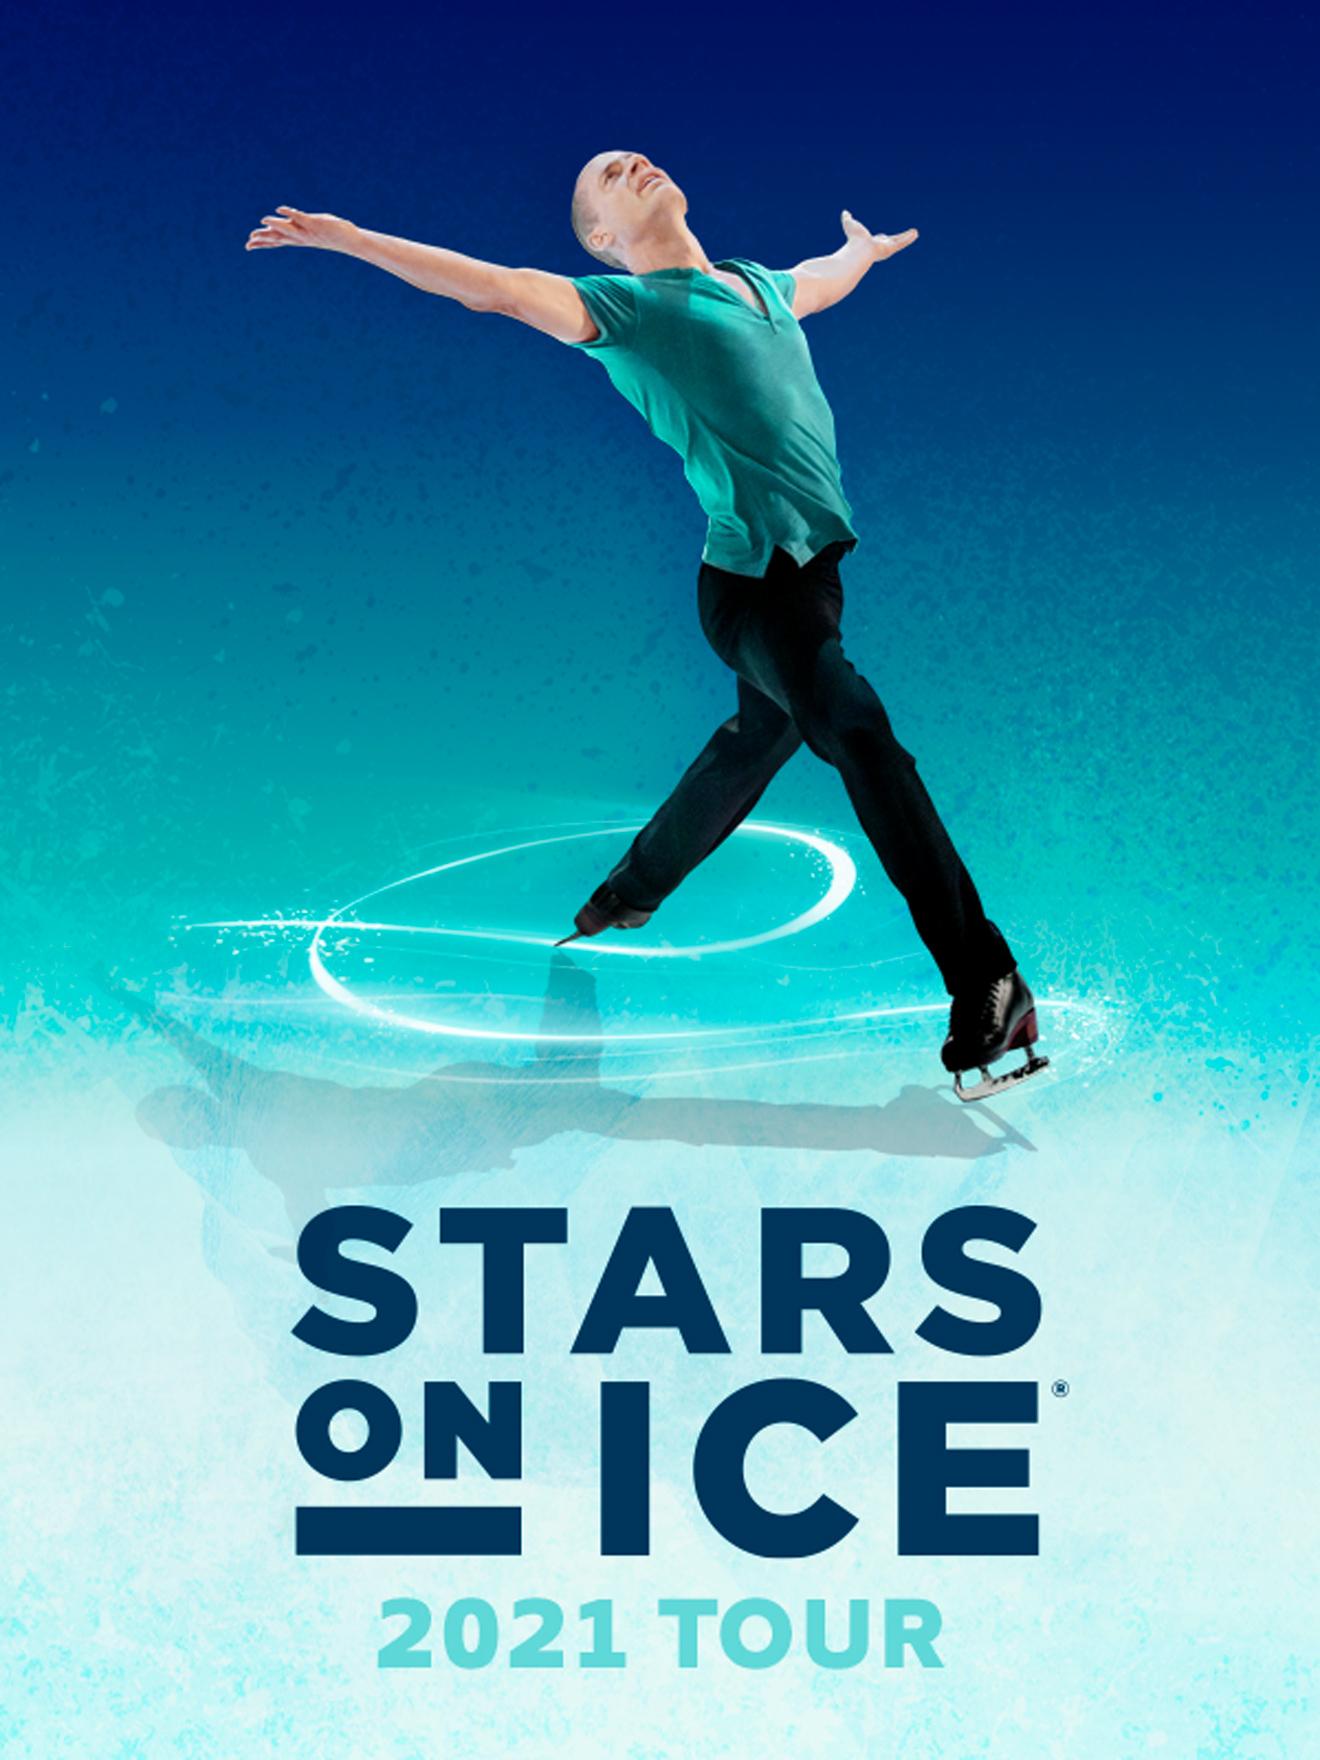 Stars on Ice 2021 Tour 600x 800